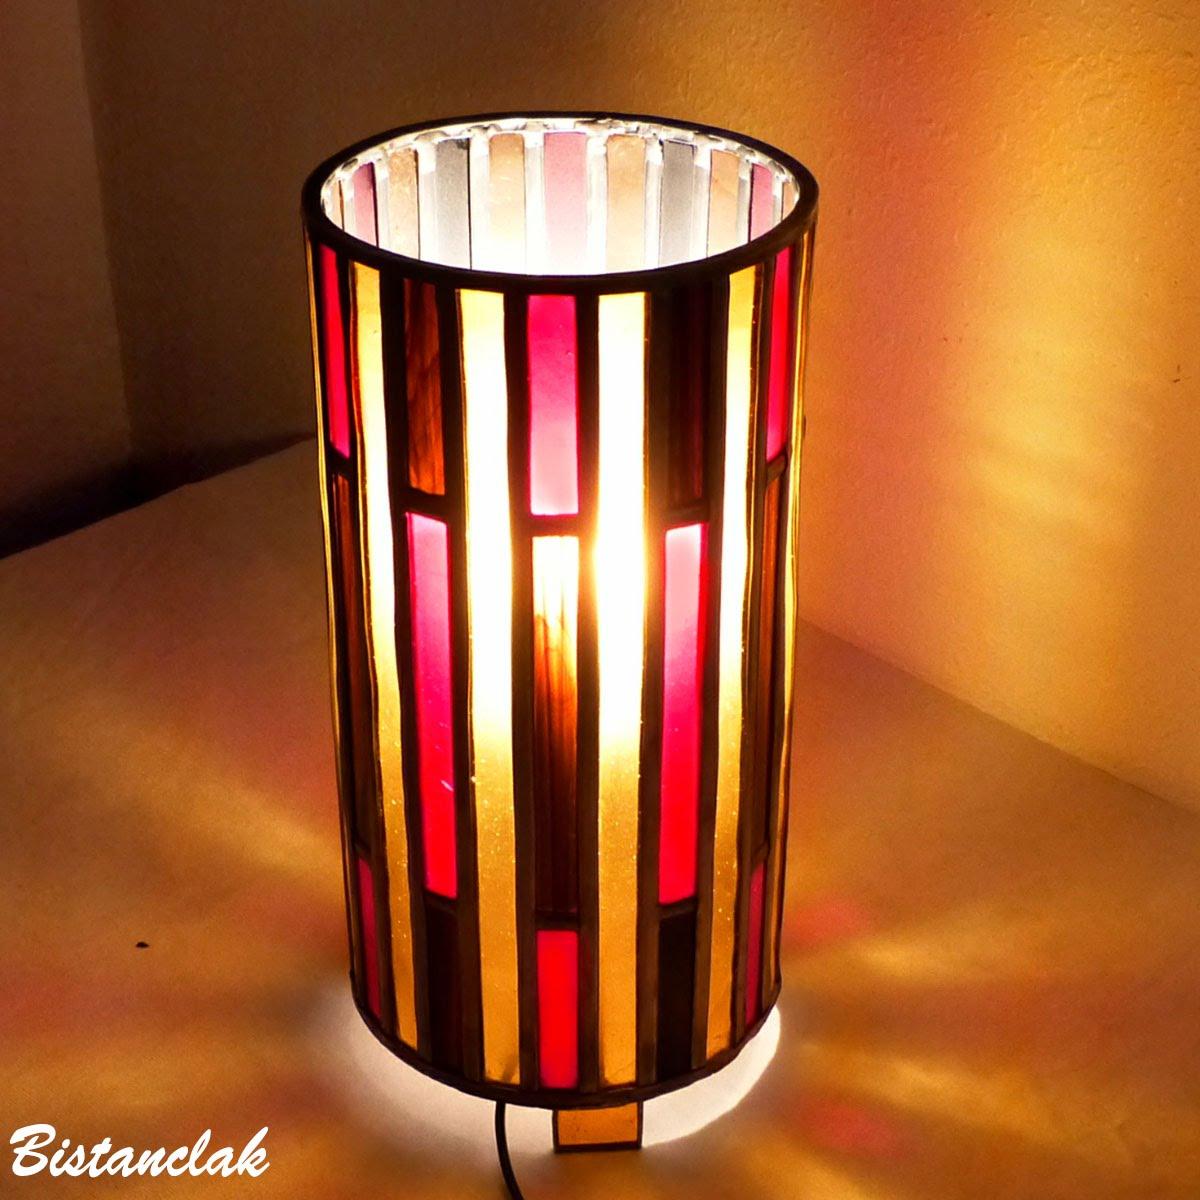 Lampe vitrail cylindrique brun, rouge et ambre